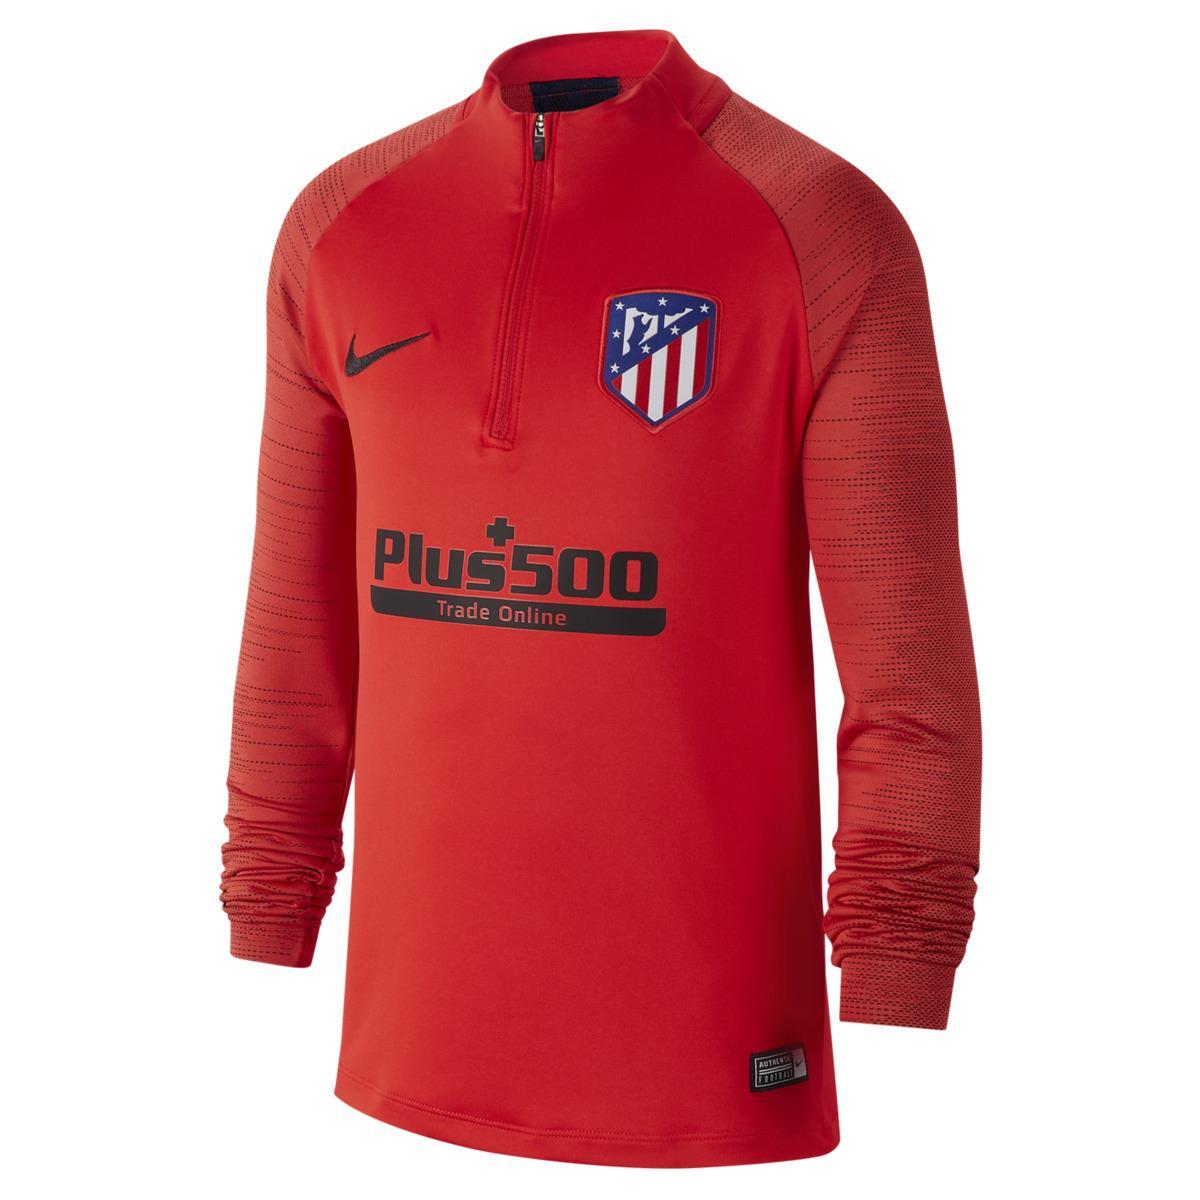 Camiseta entrenamiento del Atlético de Madrid 2019-2020 niños AQ0853-601